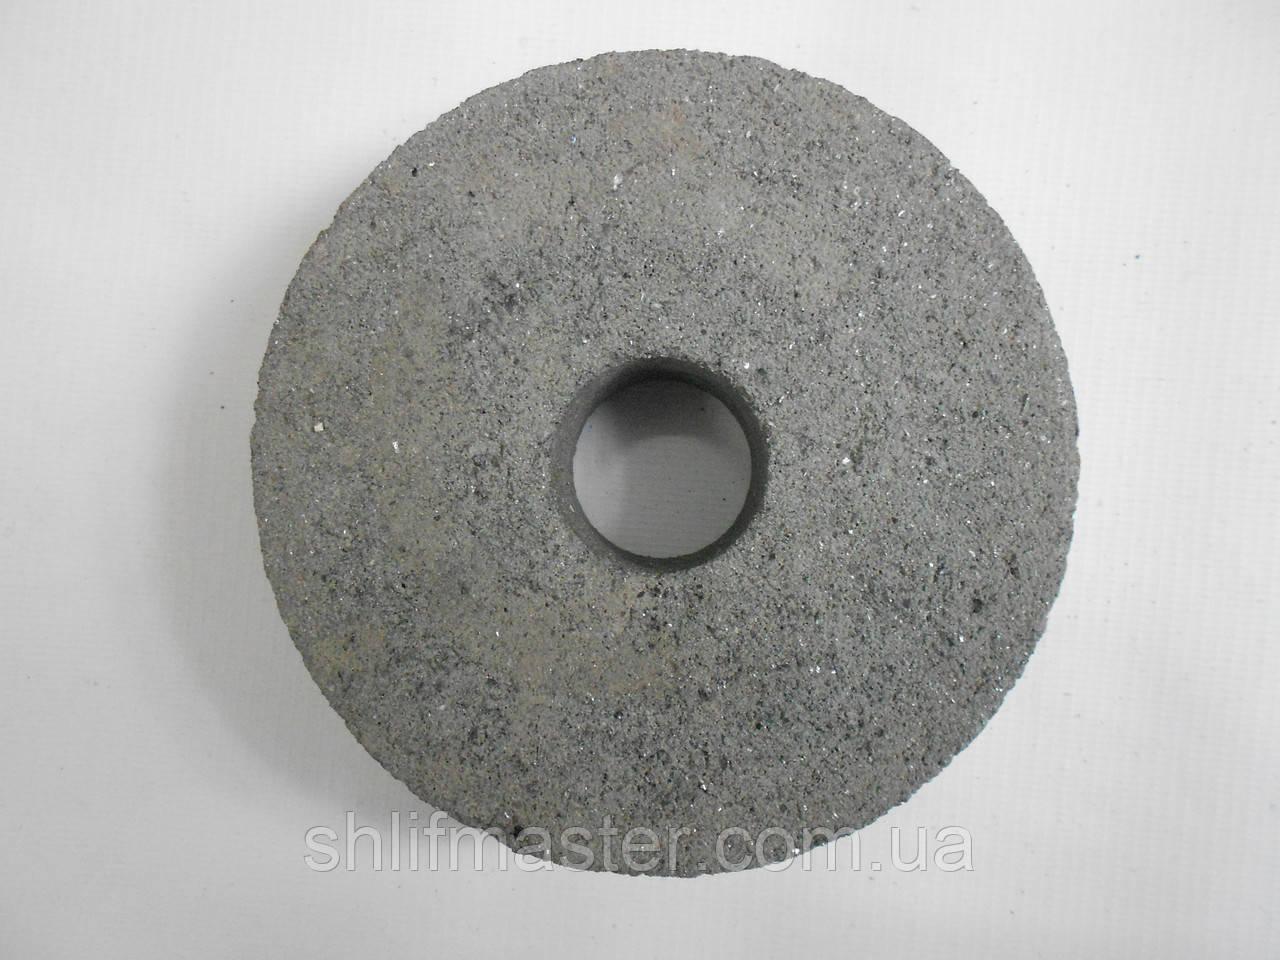 Круг абразивный из карбида кремния черного 54С ПП 150х32х51 80 ВТ